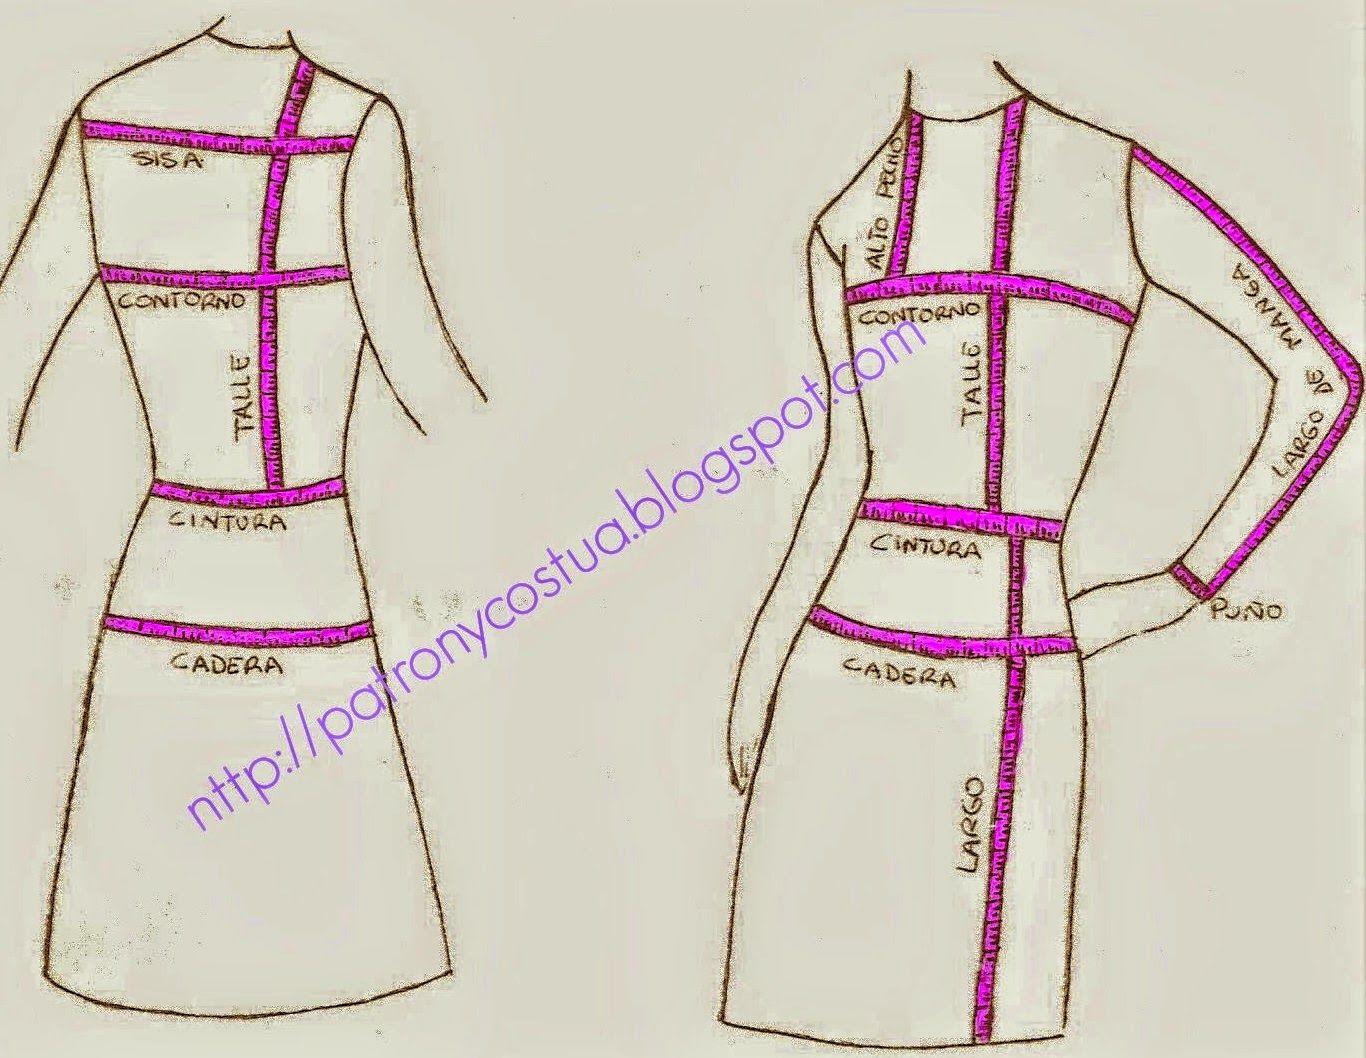 Patrón y costura : tomar bien las medidas-Tema 1 | Sewing Patterns ...